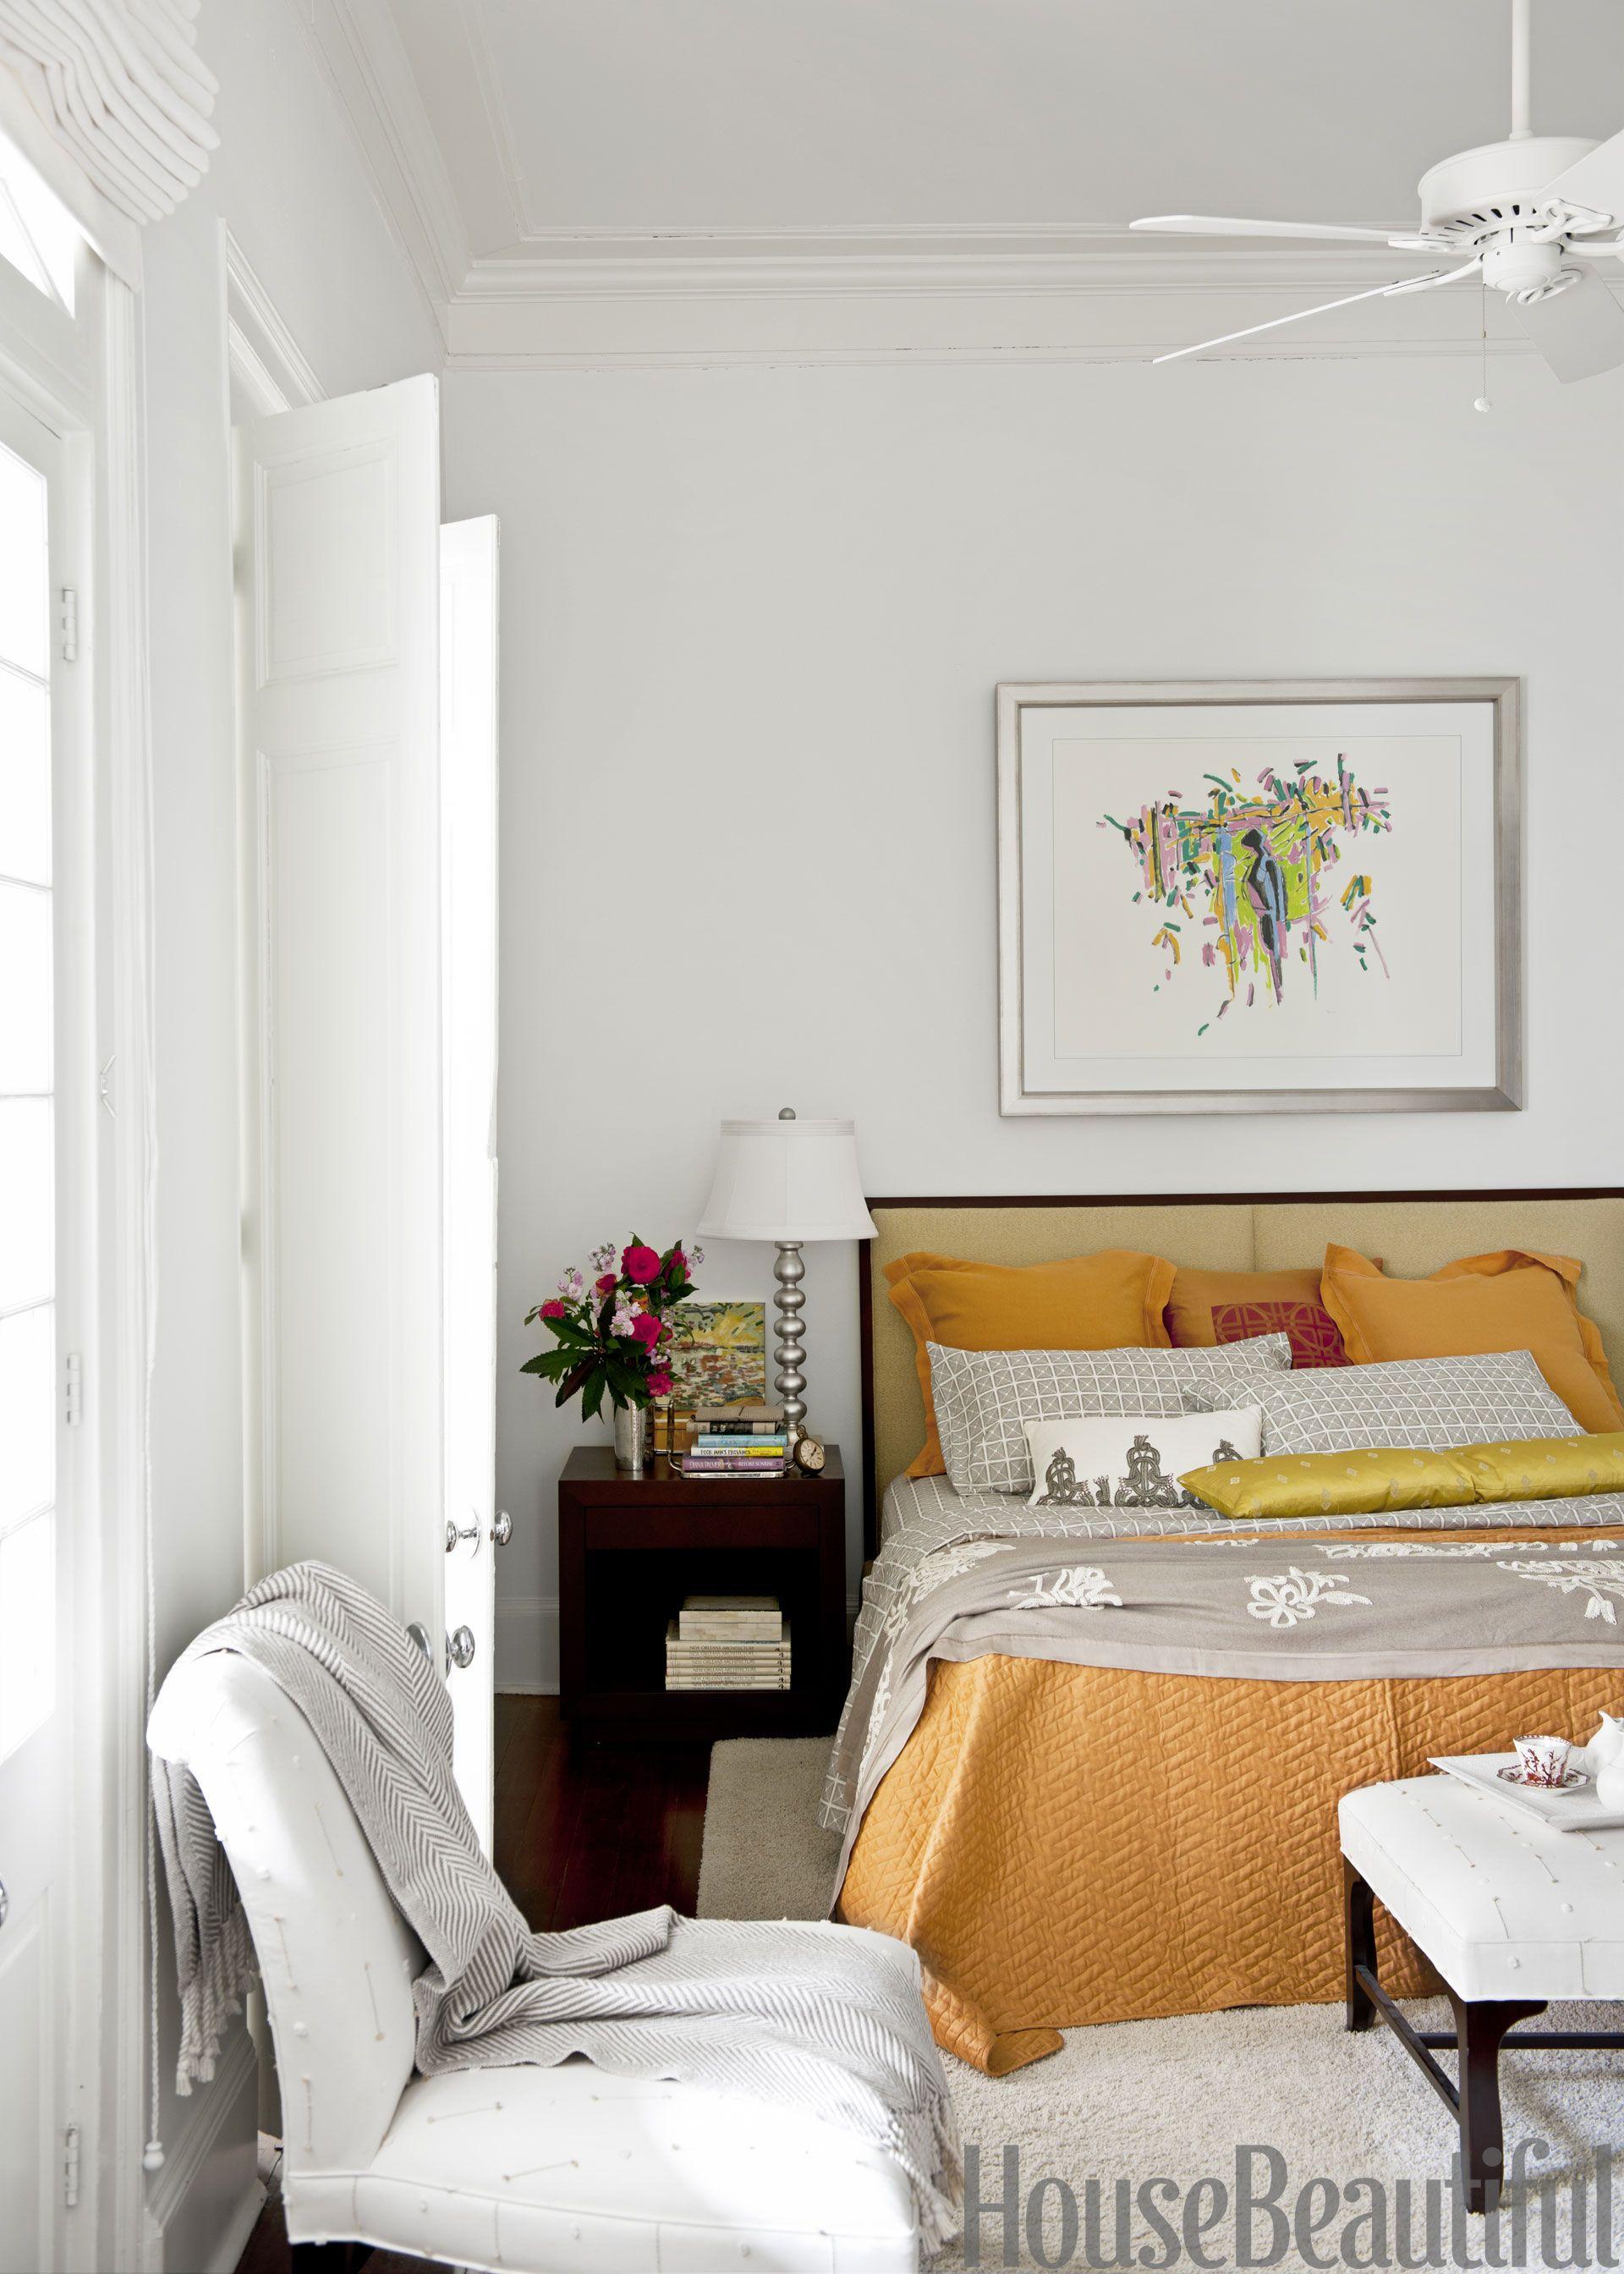 Orange and Black Rooms - Orange and Black Decorating Ideas